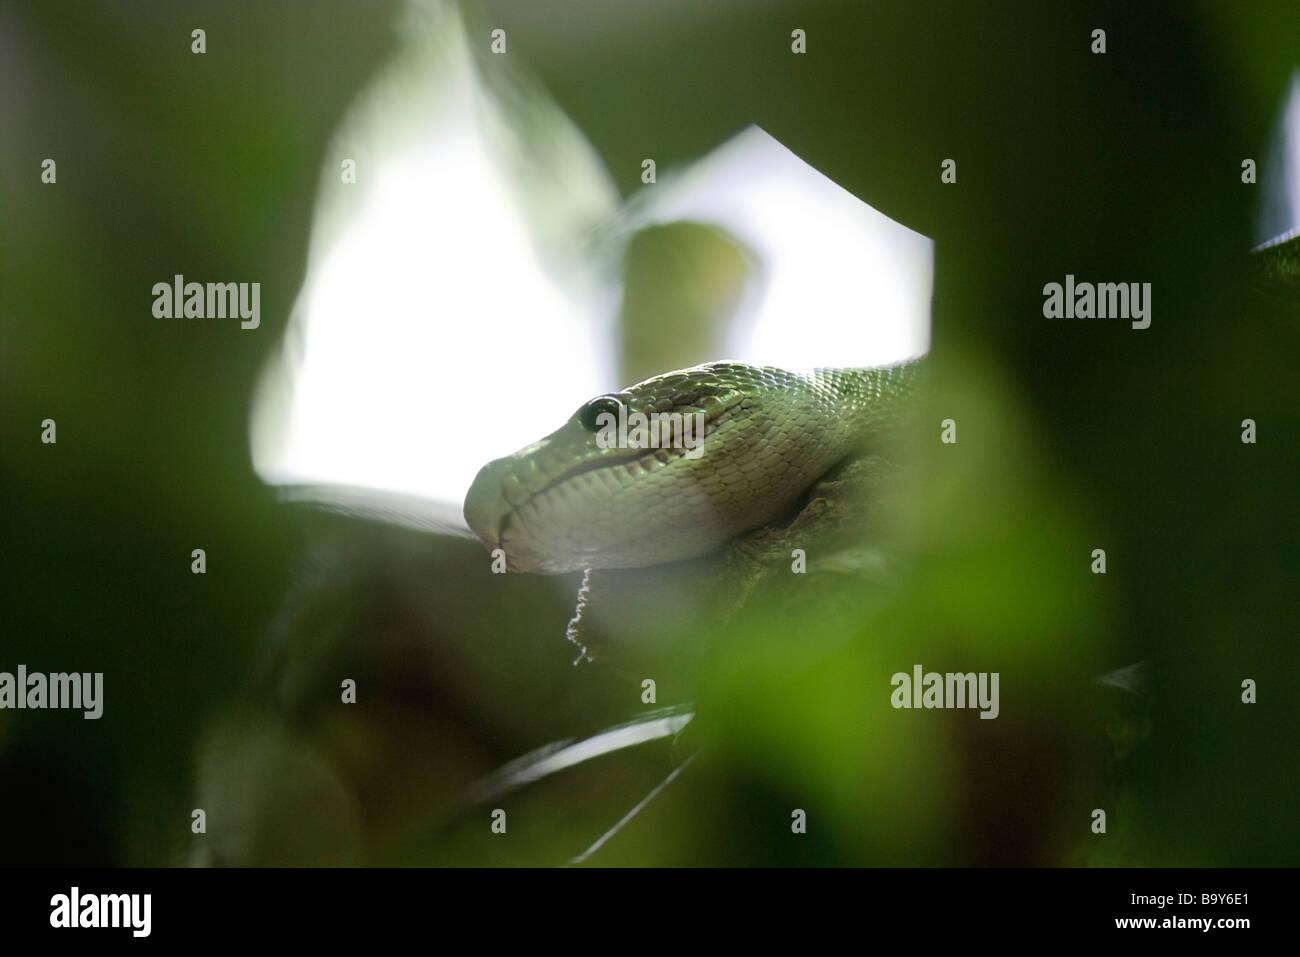 Tête de serpent caché dans le feuillage Photo Stock